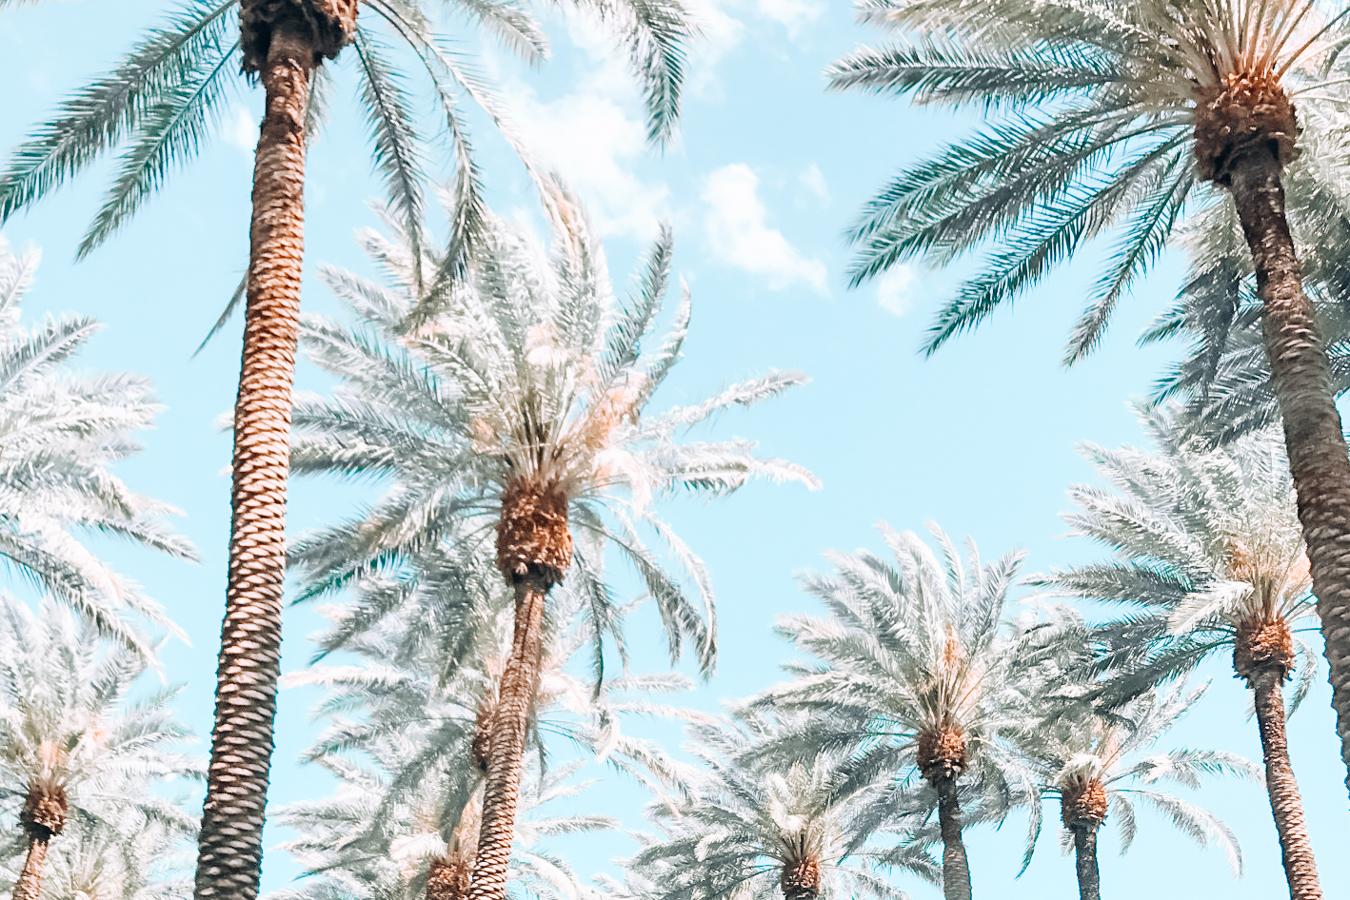 Many palm trees